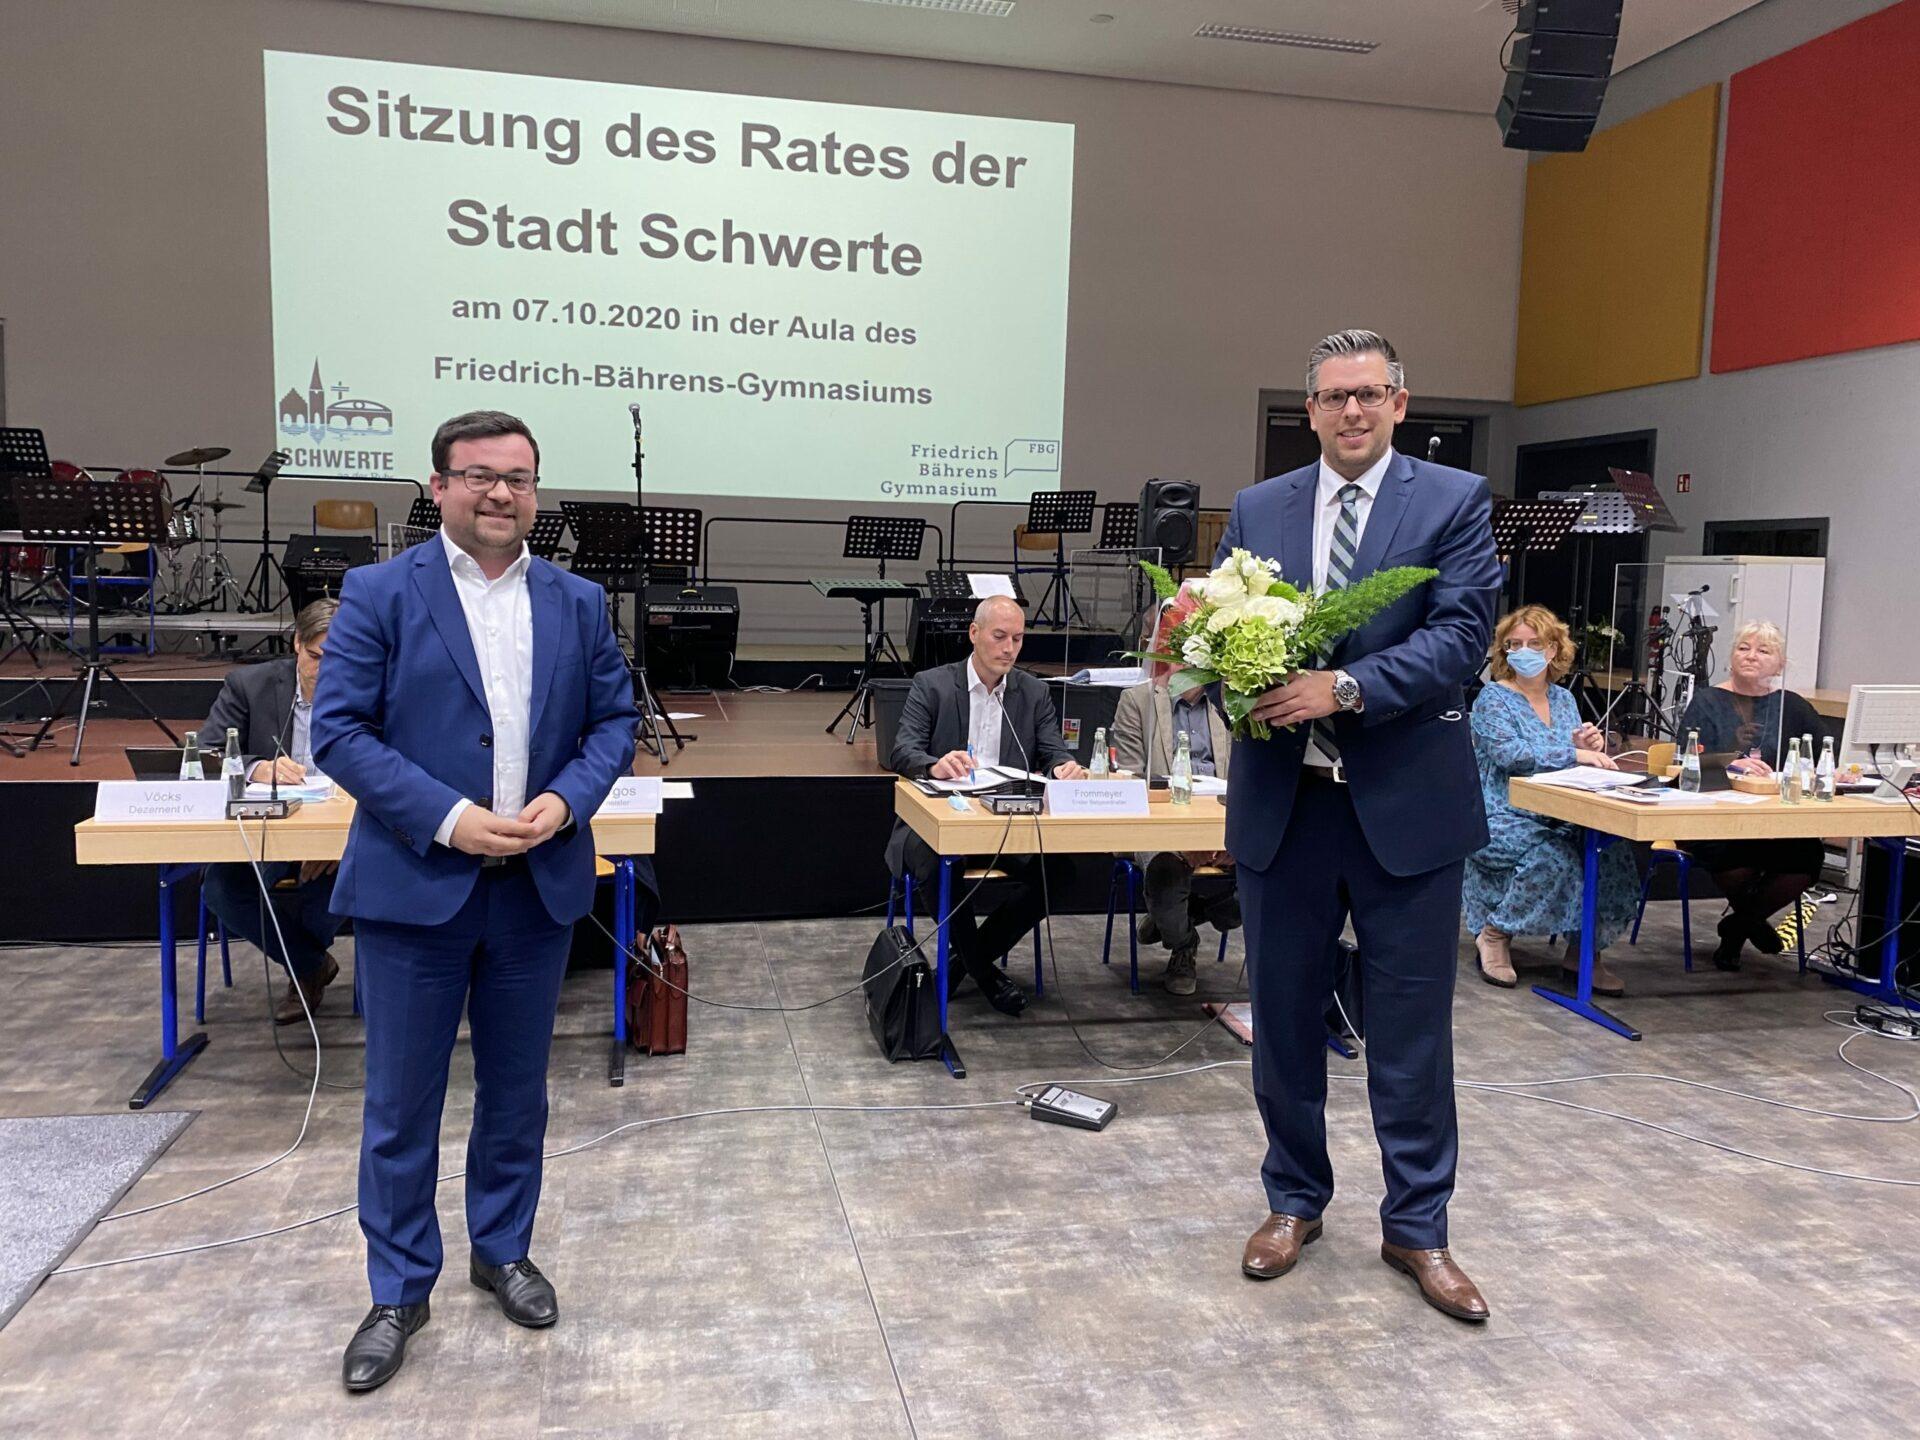 Neuer Kämmerer ist gewählt: Niklas Luhmann nimmt Dienst am 1. Dezember auf